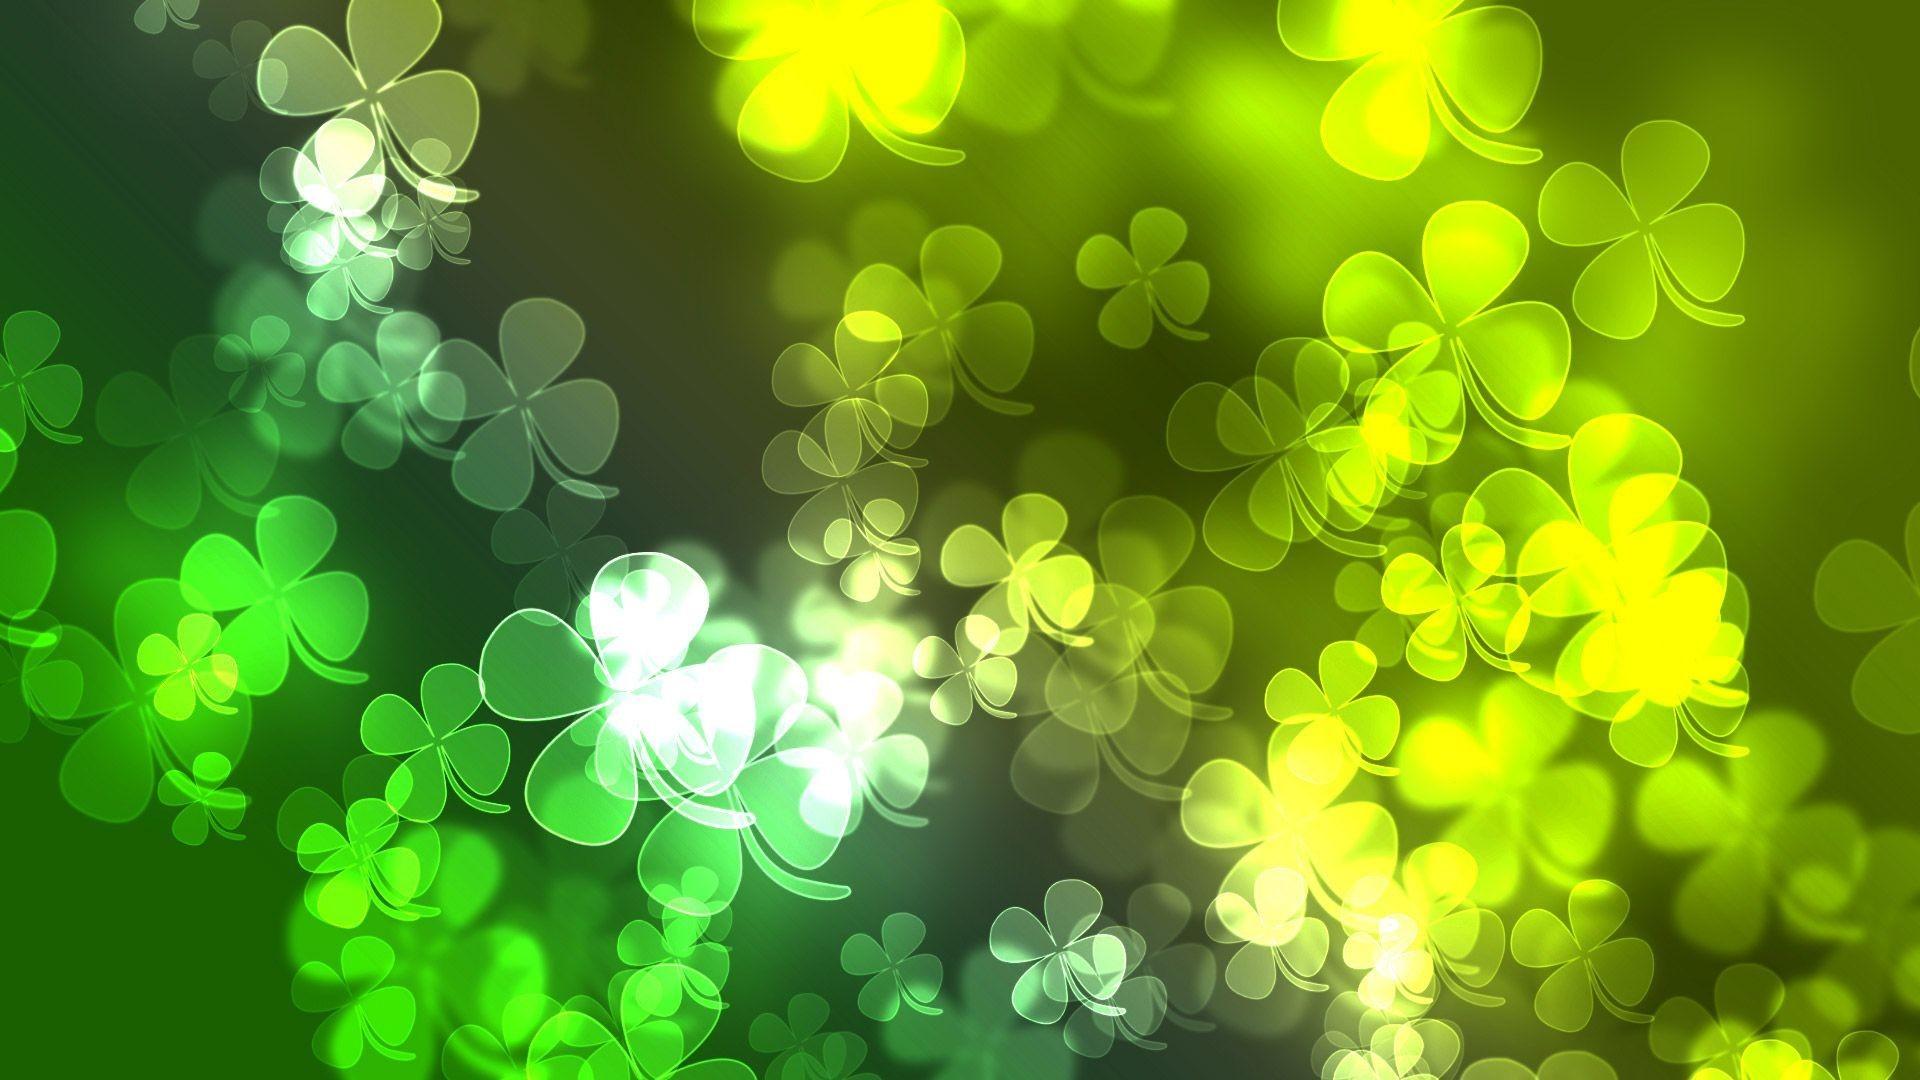 Res: 1920x1080, tricks Day Good Luck Background HD desktop wallpaper High